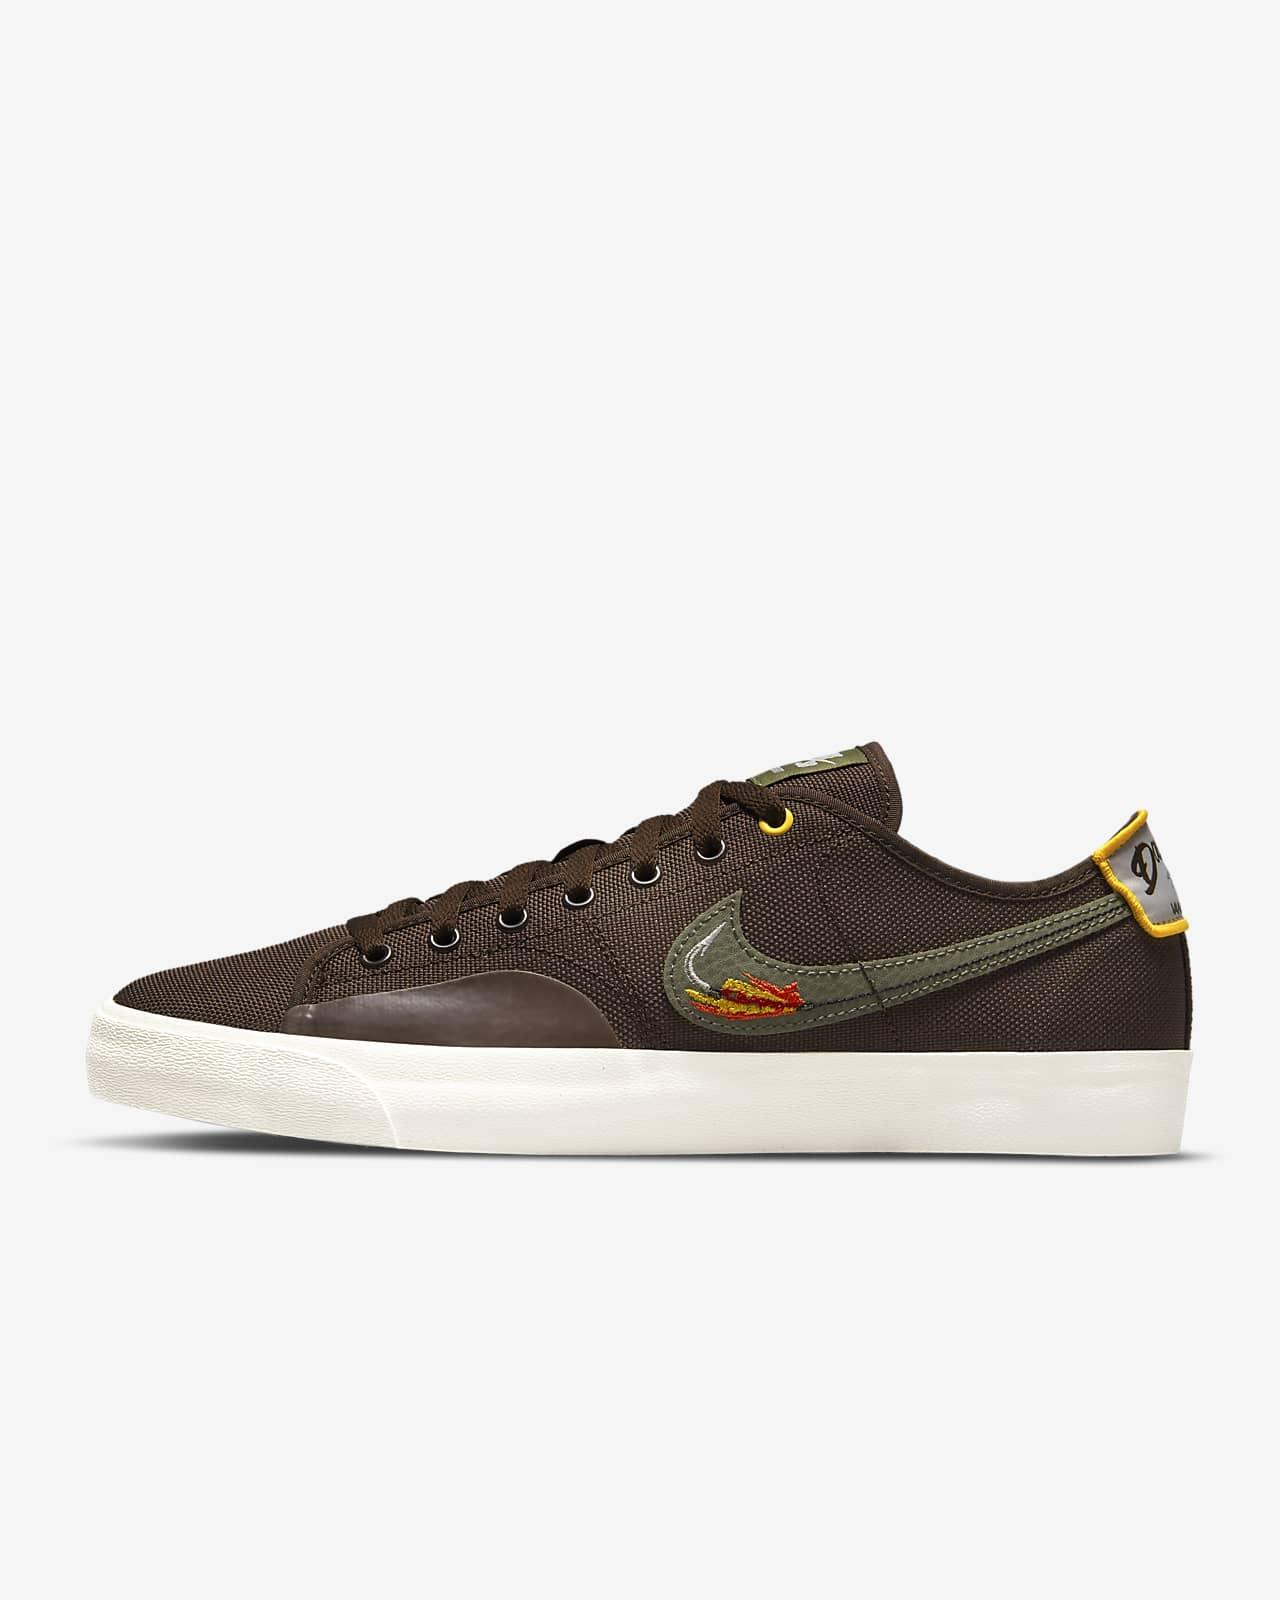 Nike SB BLZR Court DVDL Skate Shoe